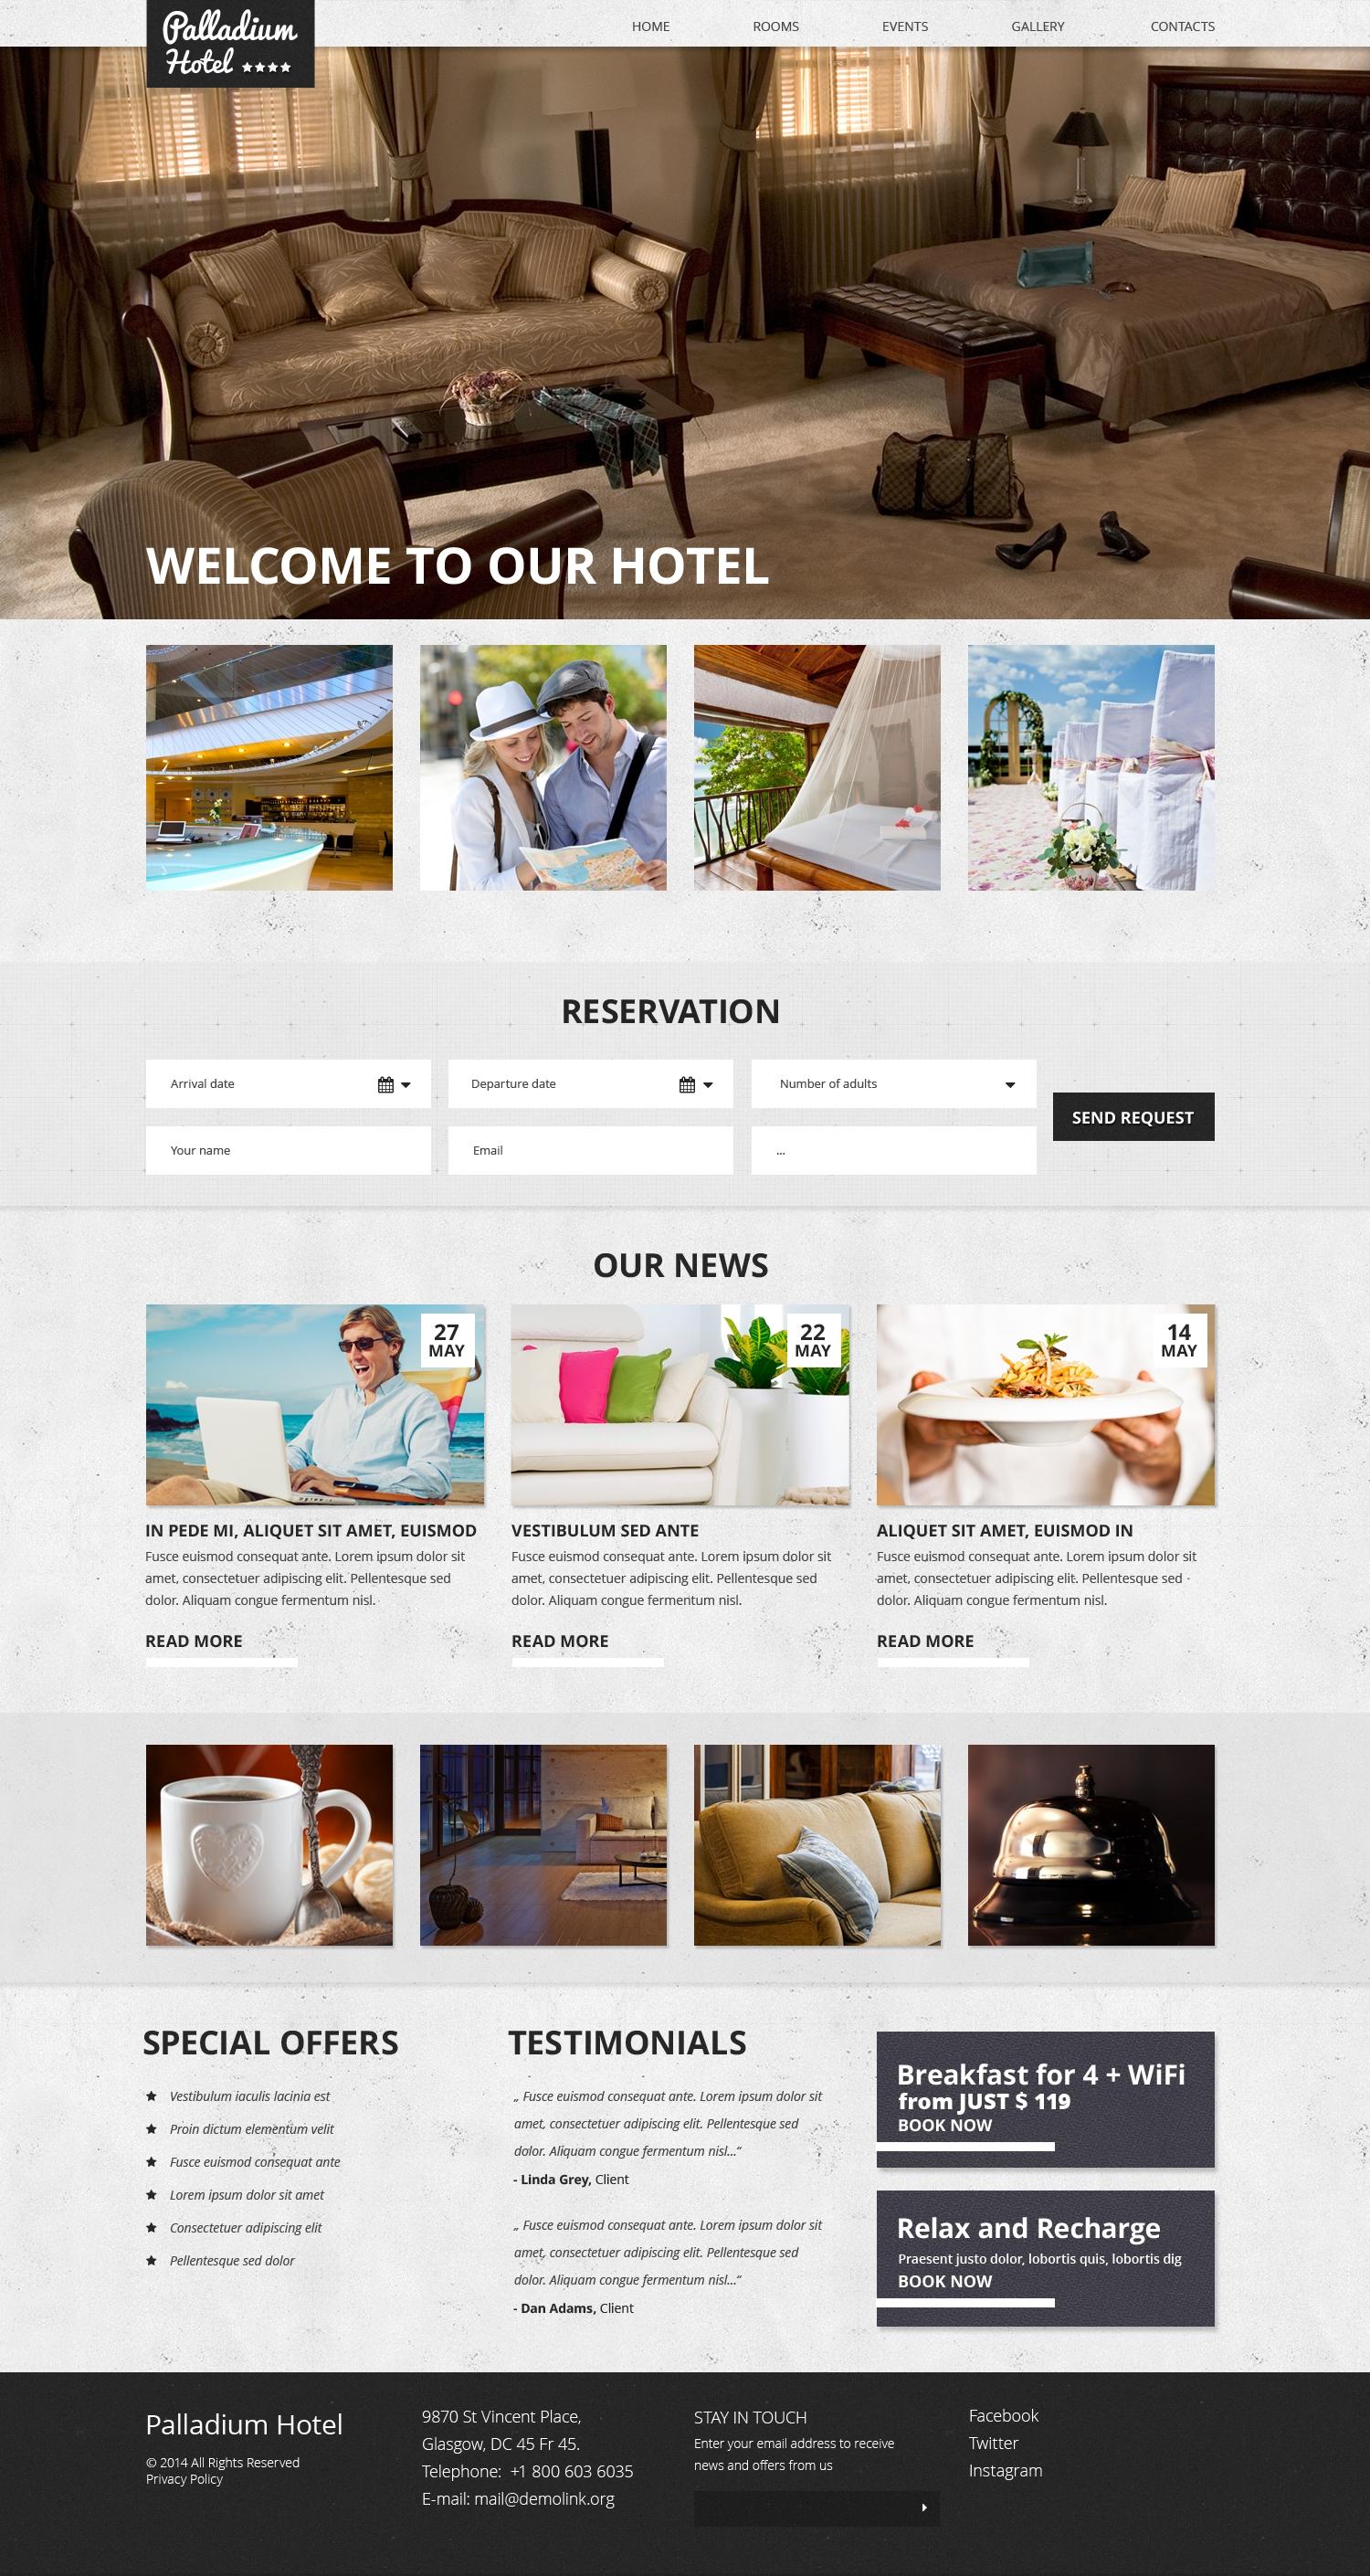 Plantilla Web Responsive para Sitio de Hoteles #50639 - captura de pantalla